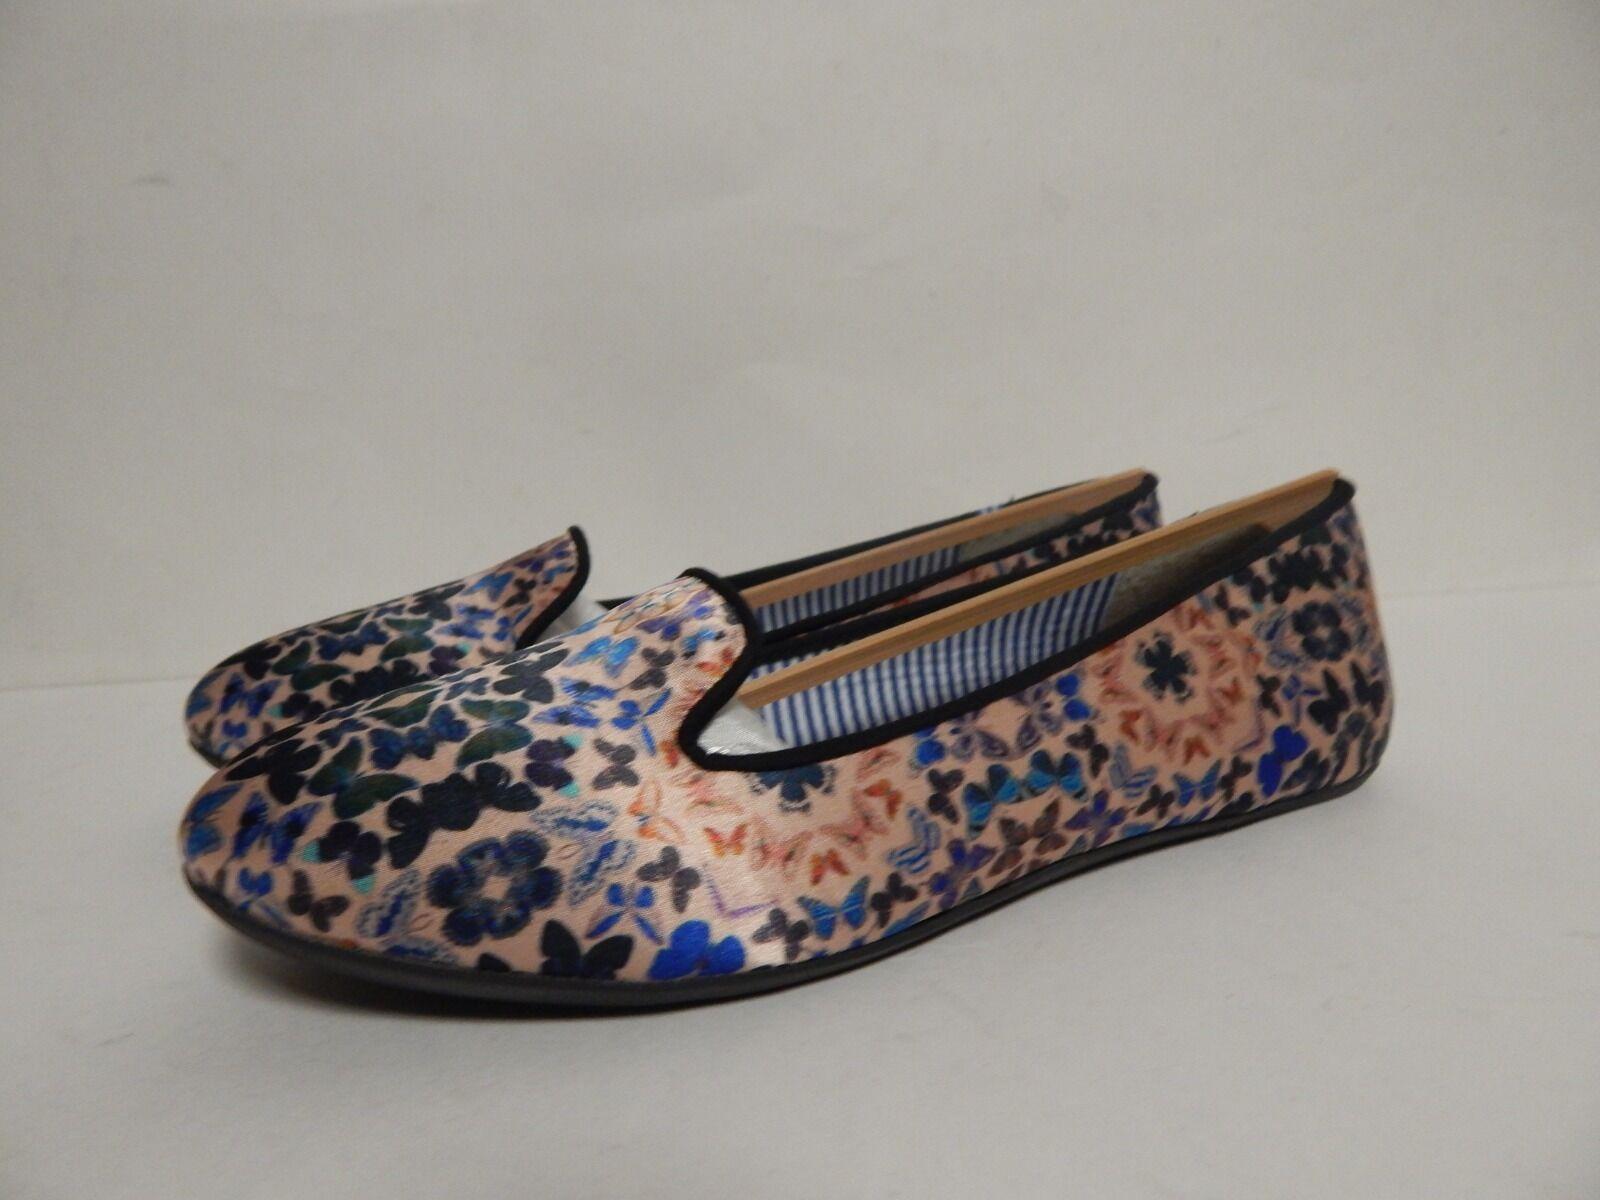 Charles Philip Yasmine Slipper Shoe Pink Multi New w/Box